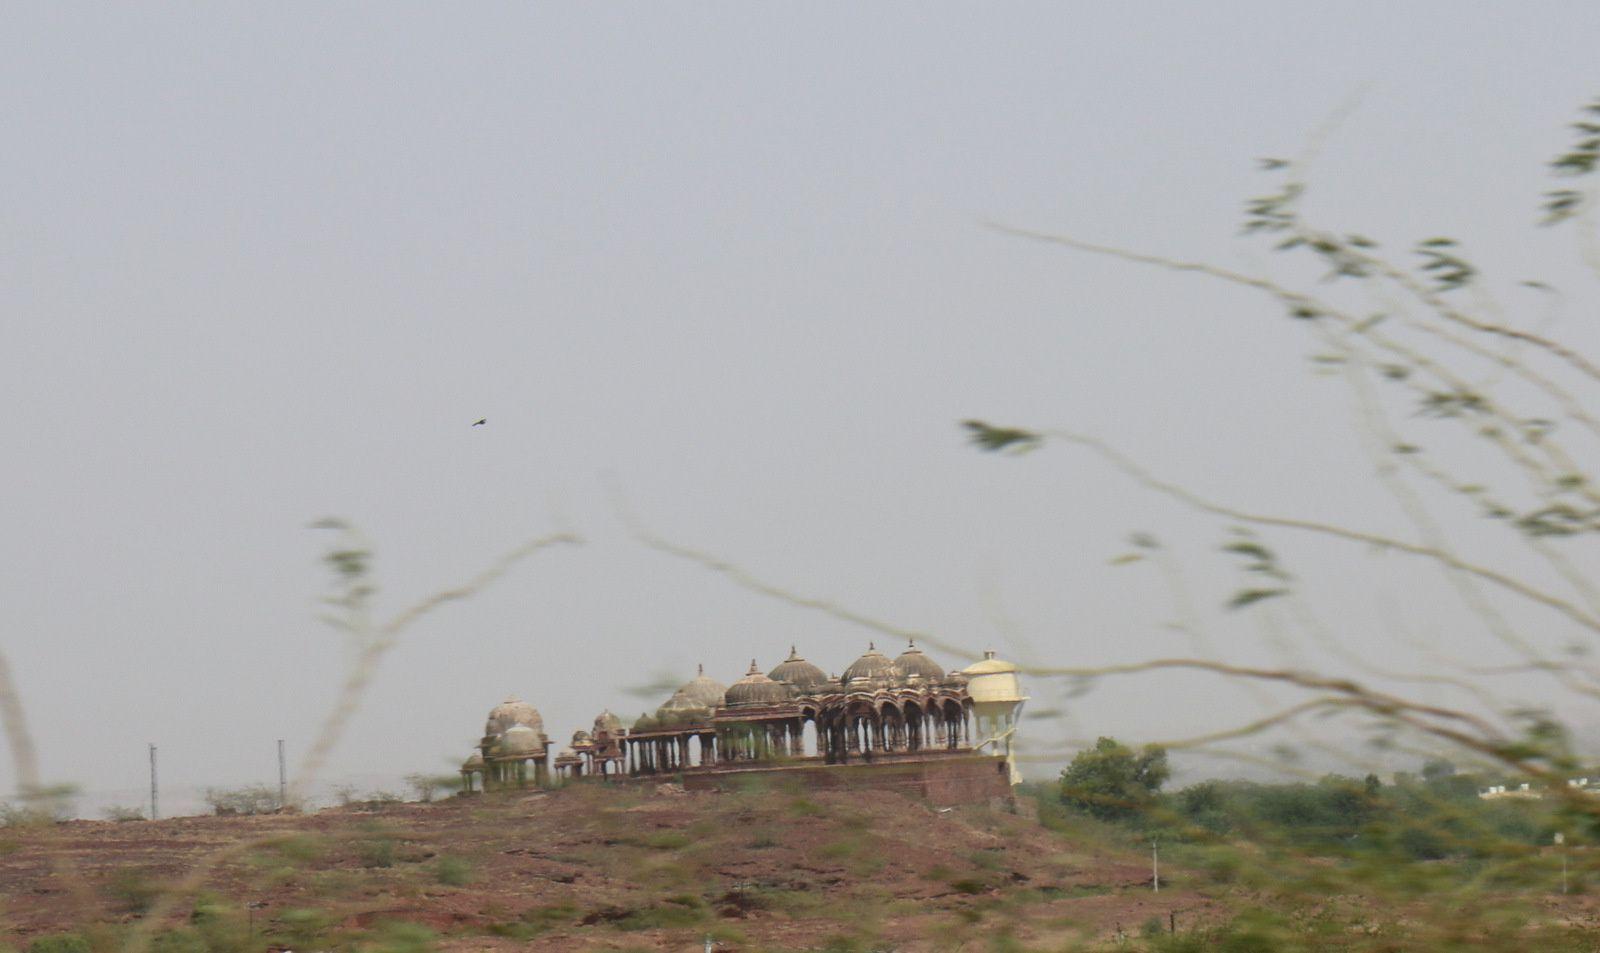 Sur la route menant à Jaisalmer depuis Bikaner, Rajasthan (Inde)